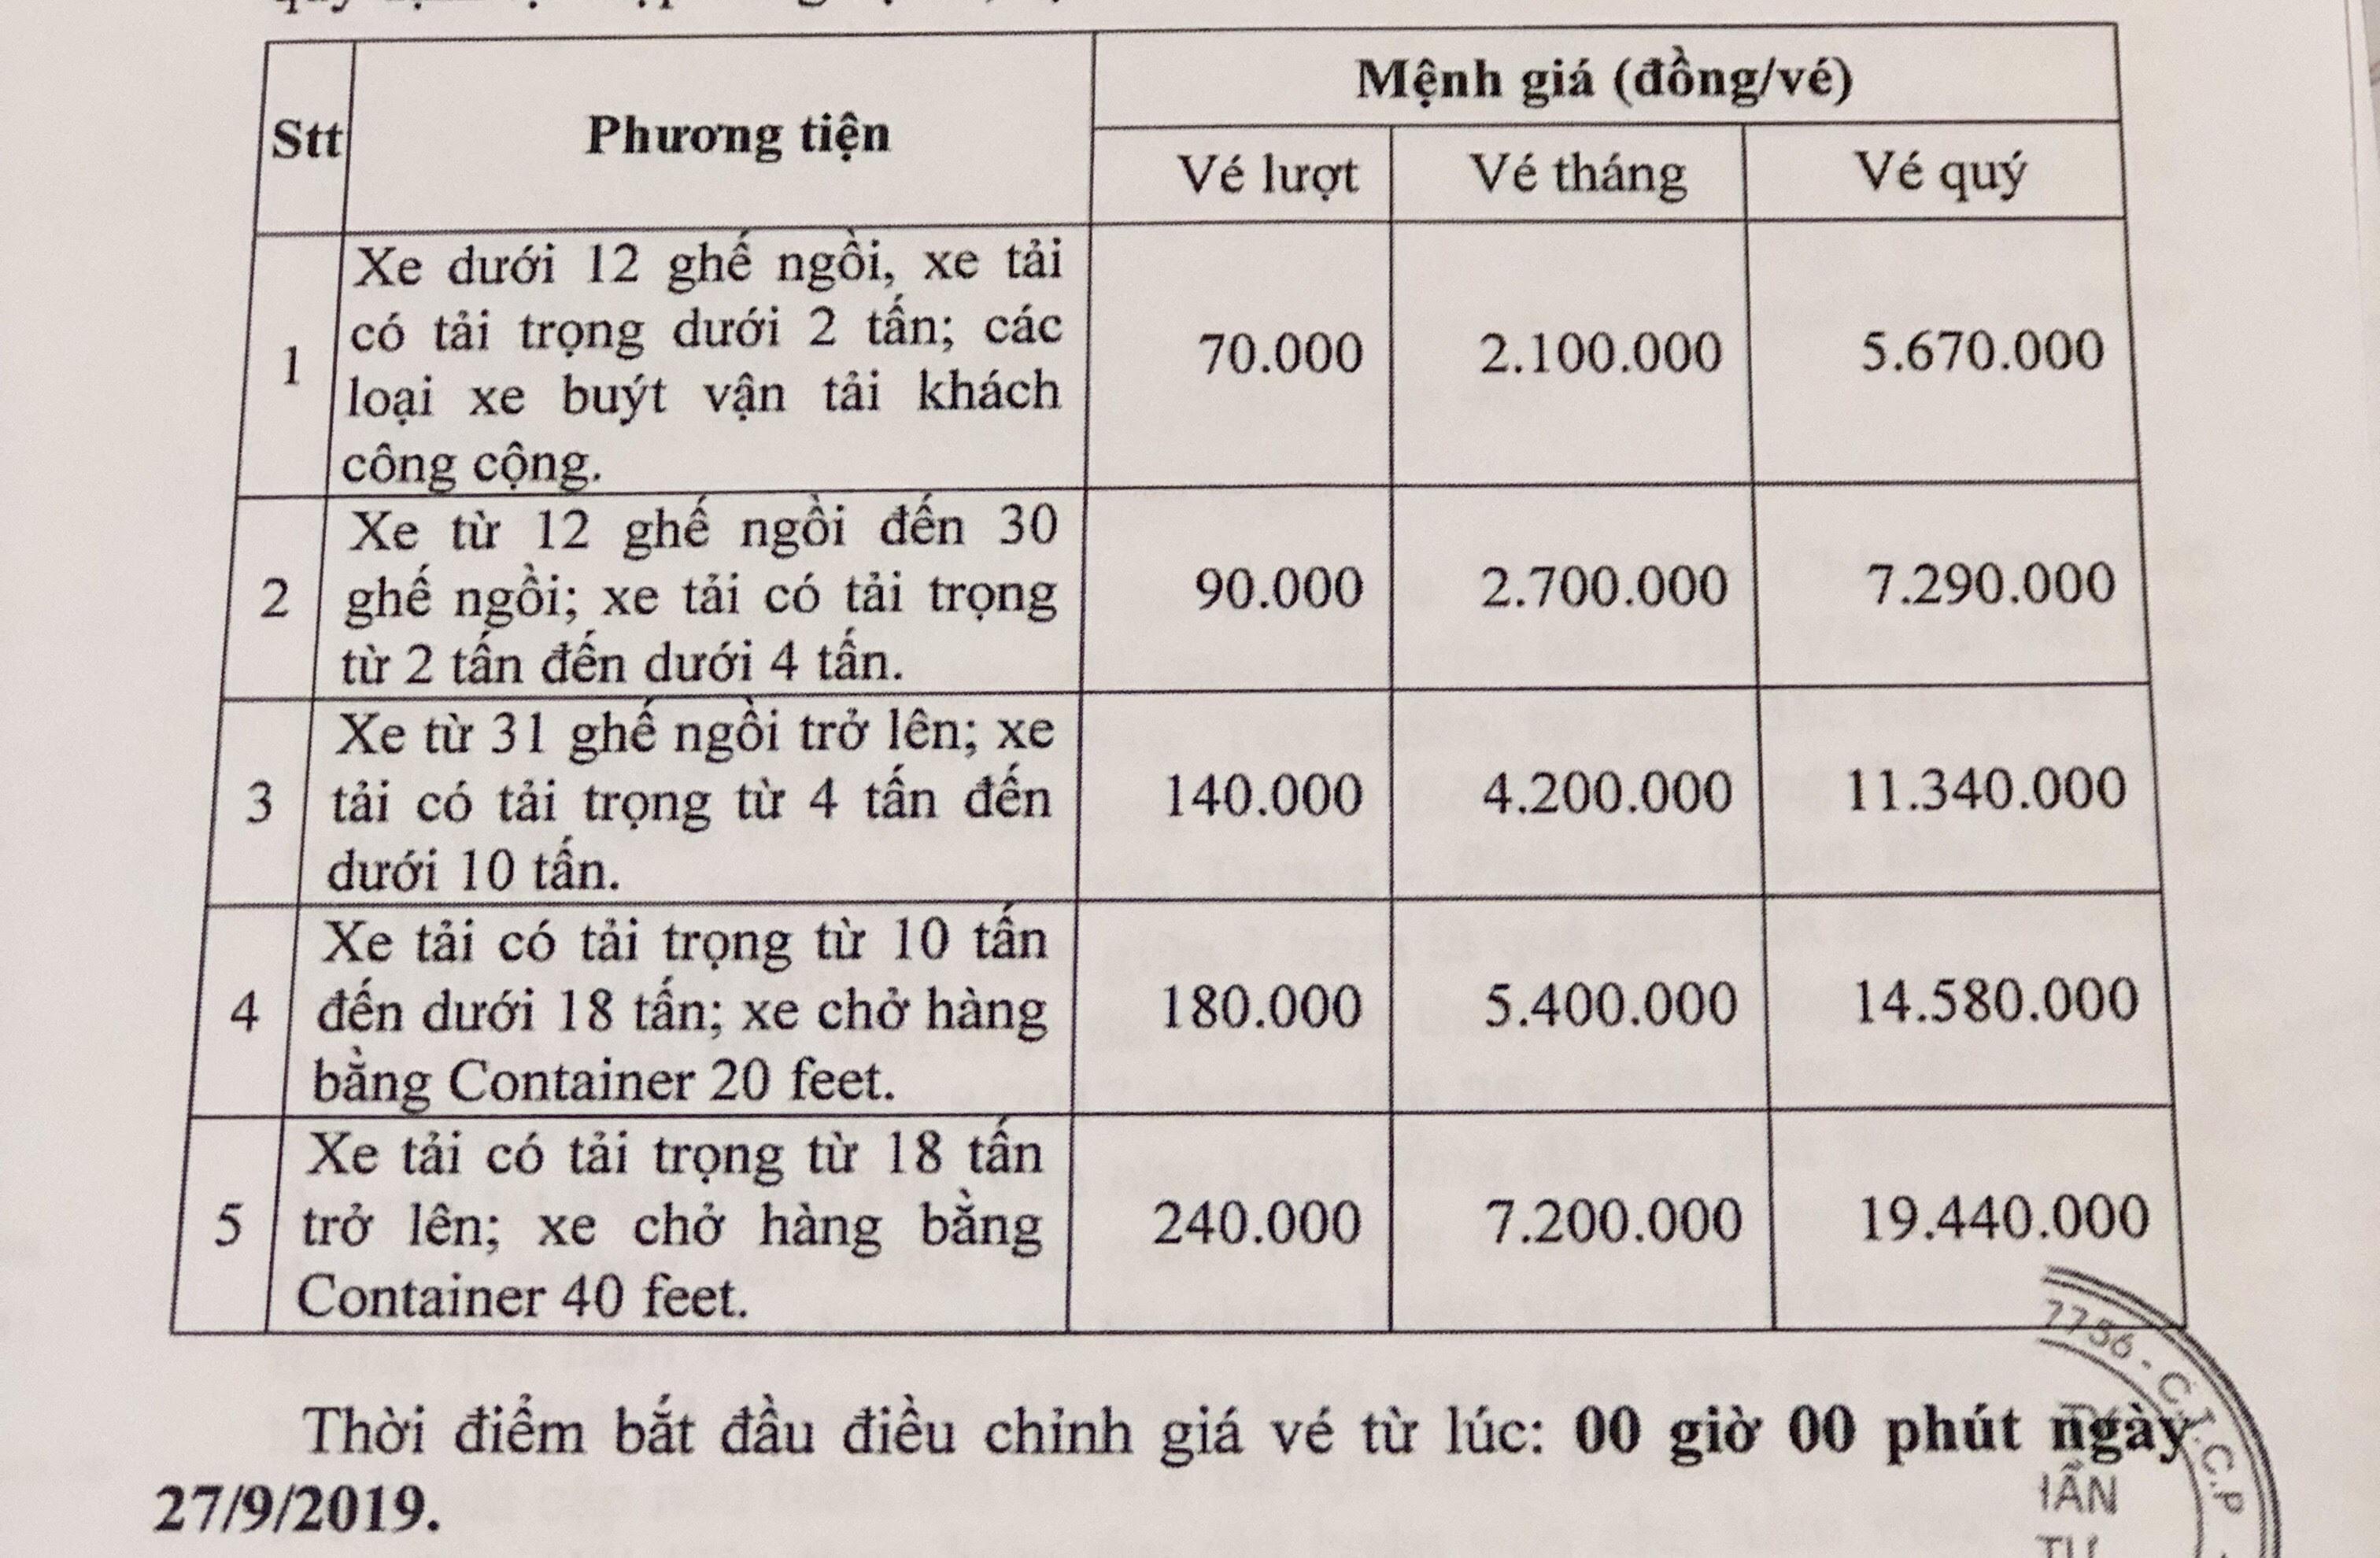 Điều chỉnh mức phí BOT qua trạm Bắc Hải Vân từ ngày 27/9